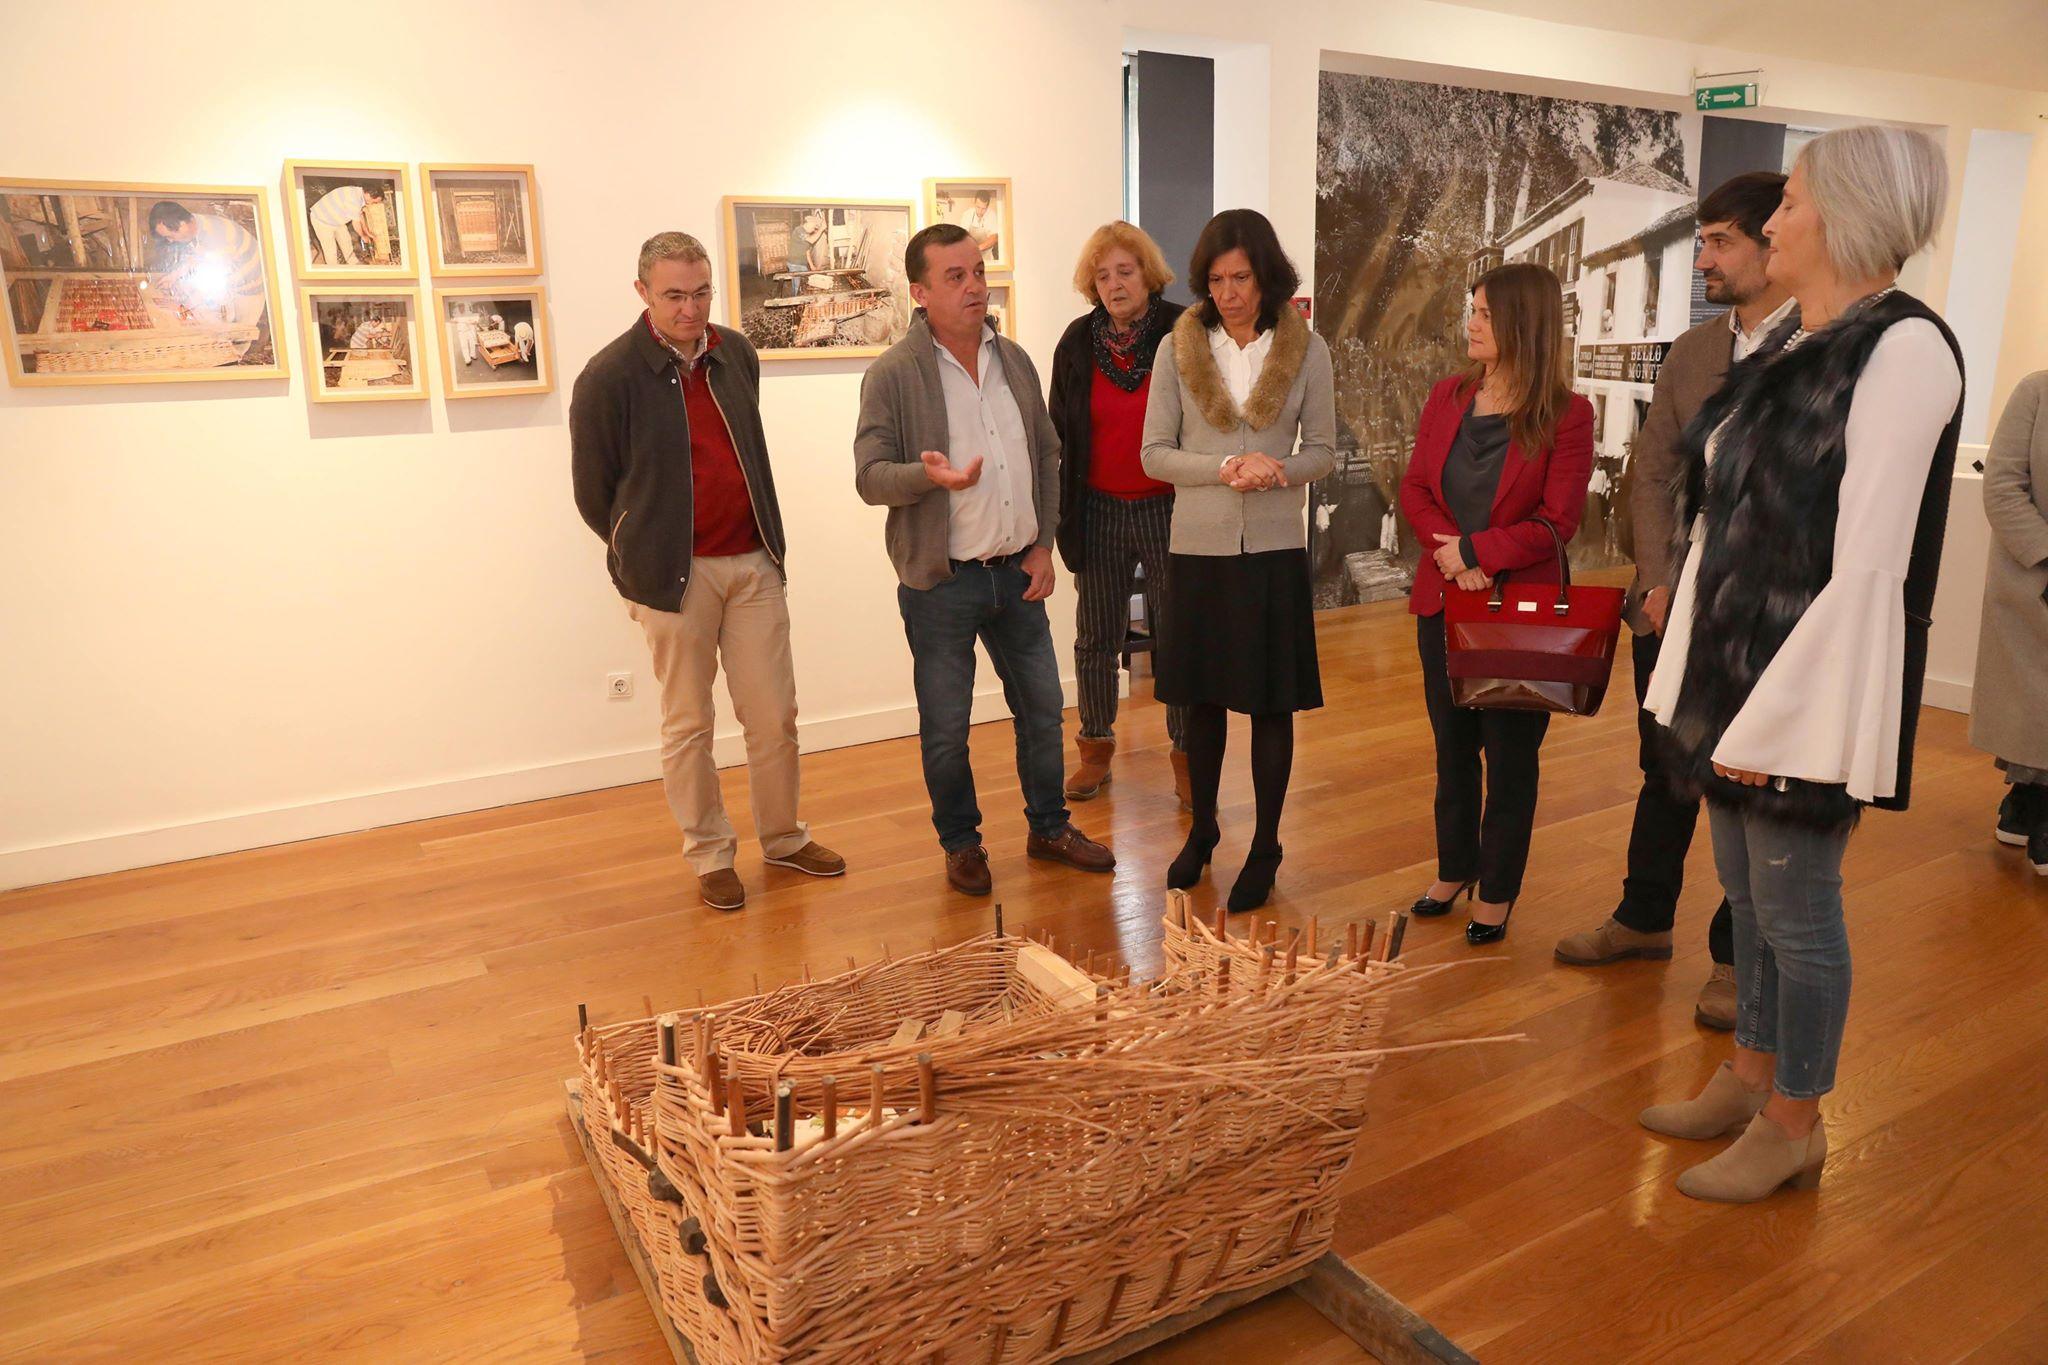 Viagem pela História dos Carros de Cesto em exposição no Museu Etnográfico da Madeira